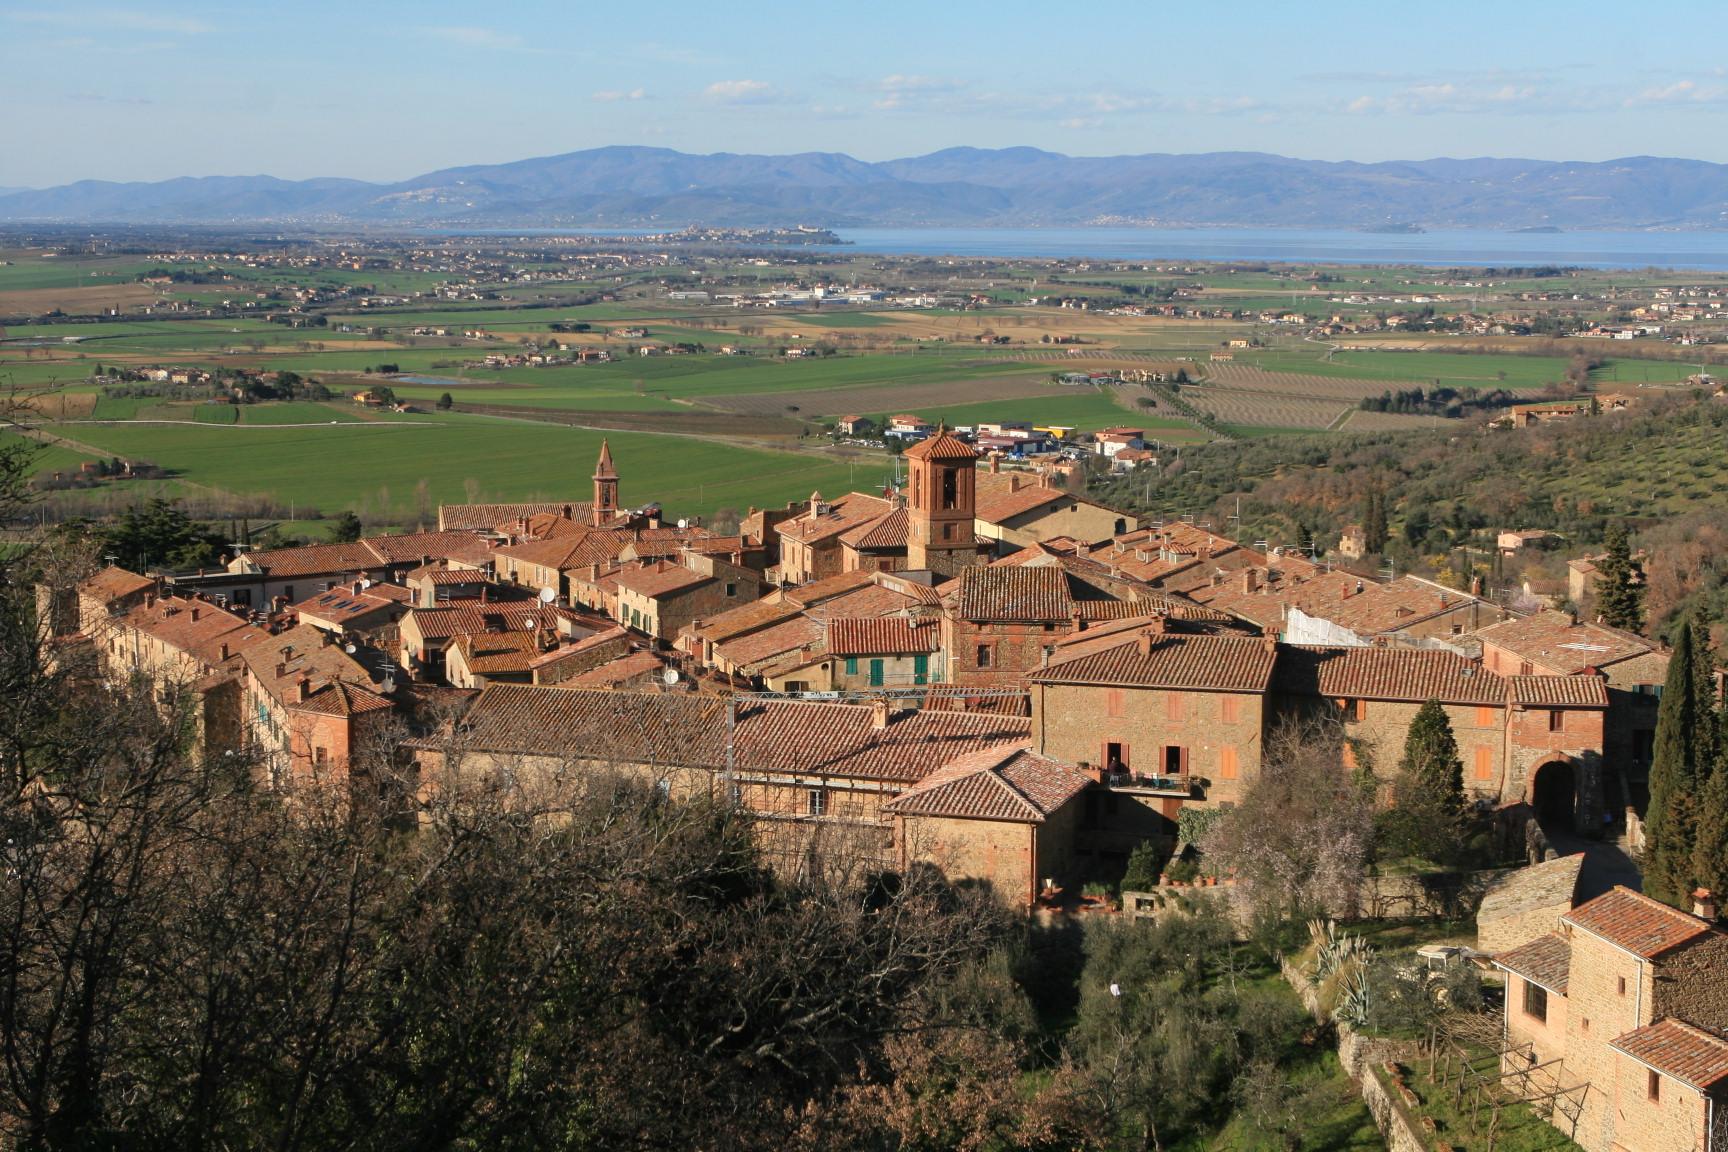 Paciano. #lumbriachenontiaspetti #visitumbria